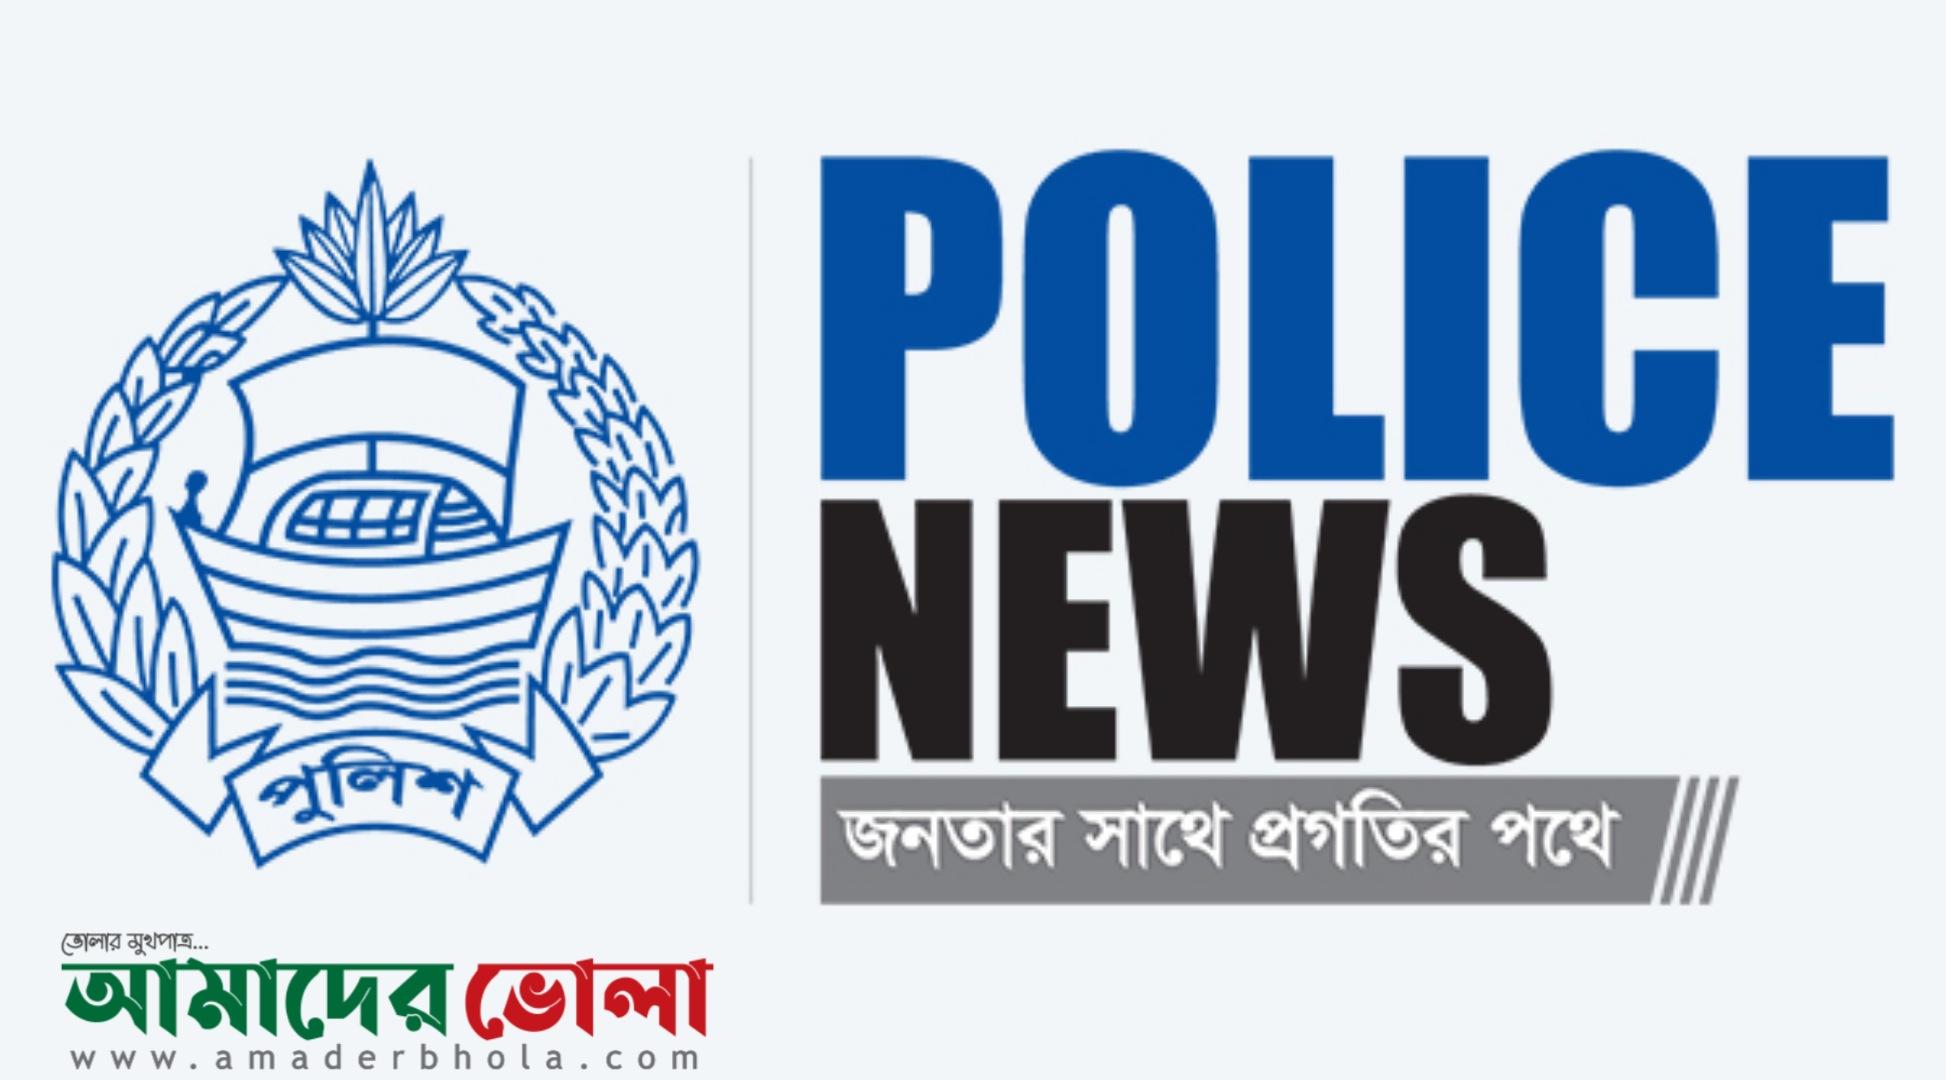 উদ্বোধন হলো পুলিশের অনলাইন নিউজ পোর্টাল 'POLICE NEWS'